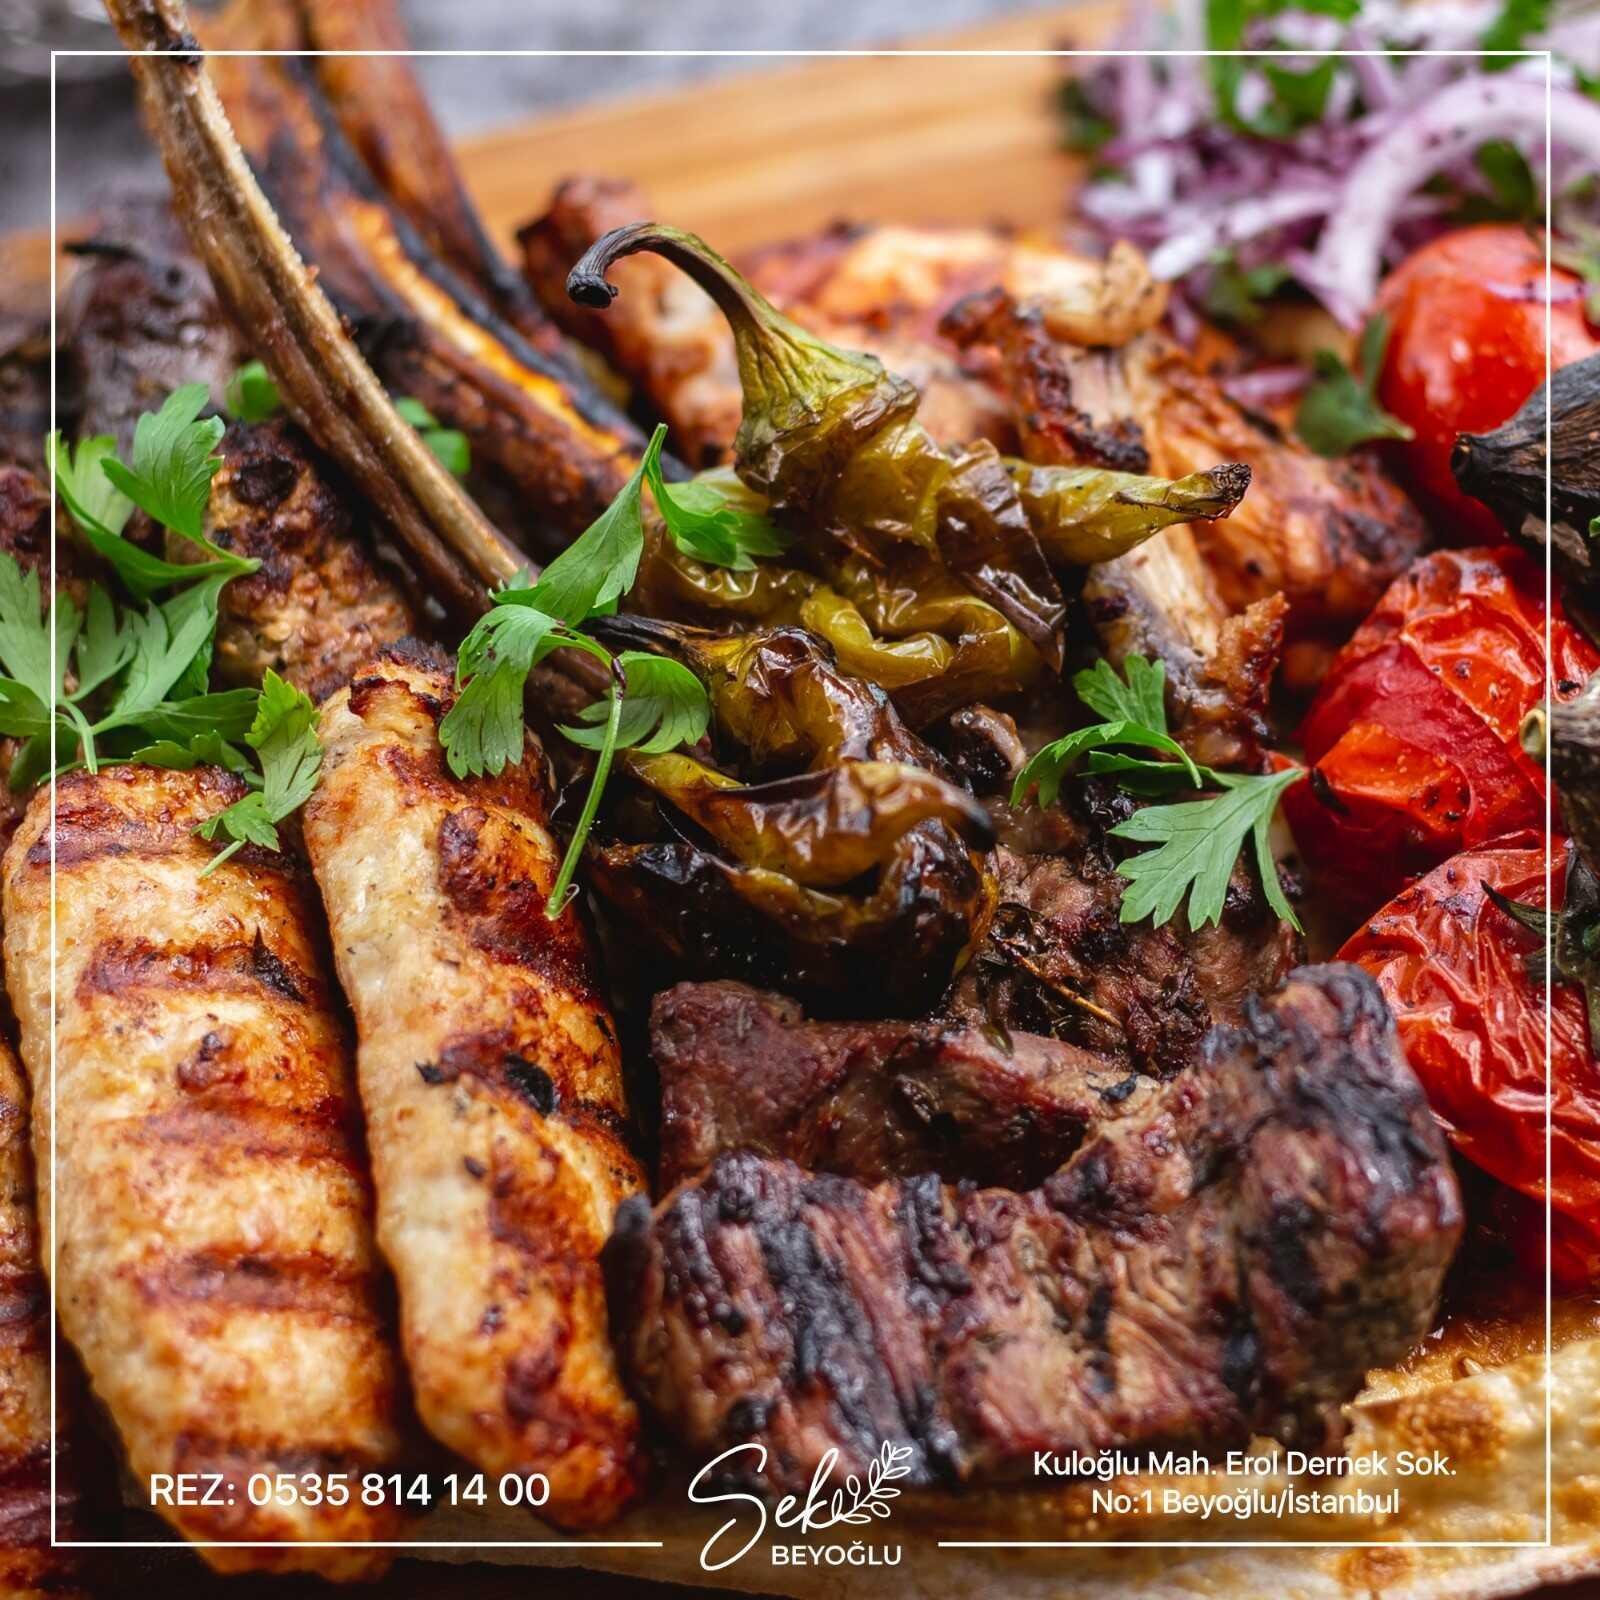 sek beyoğlu restaurant beyoğlu istanbul menü fiyat listesi kebap